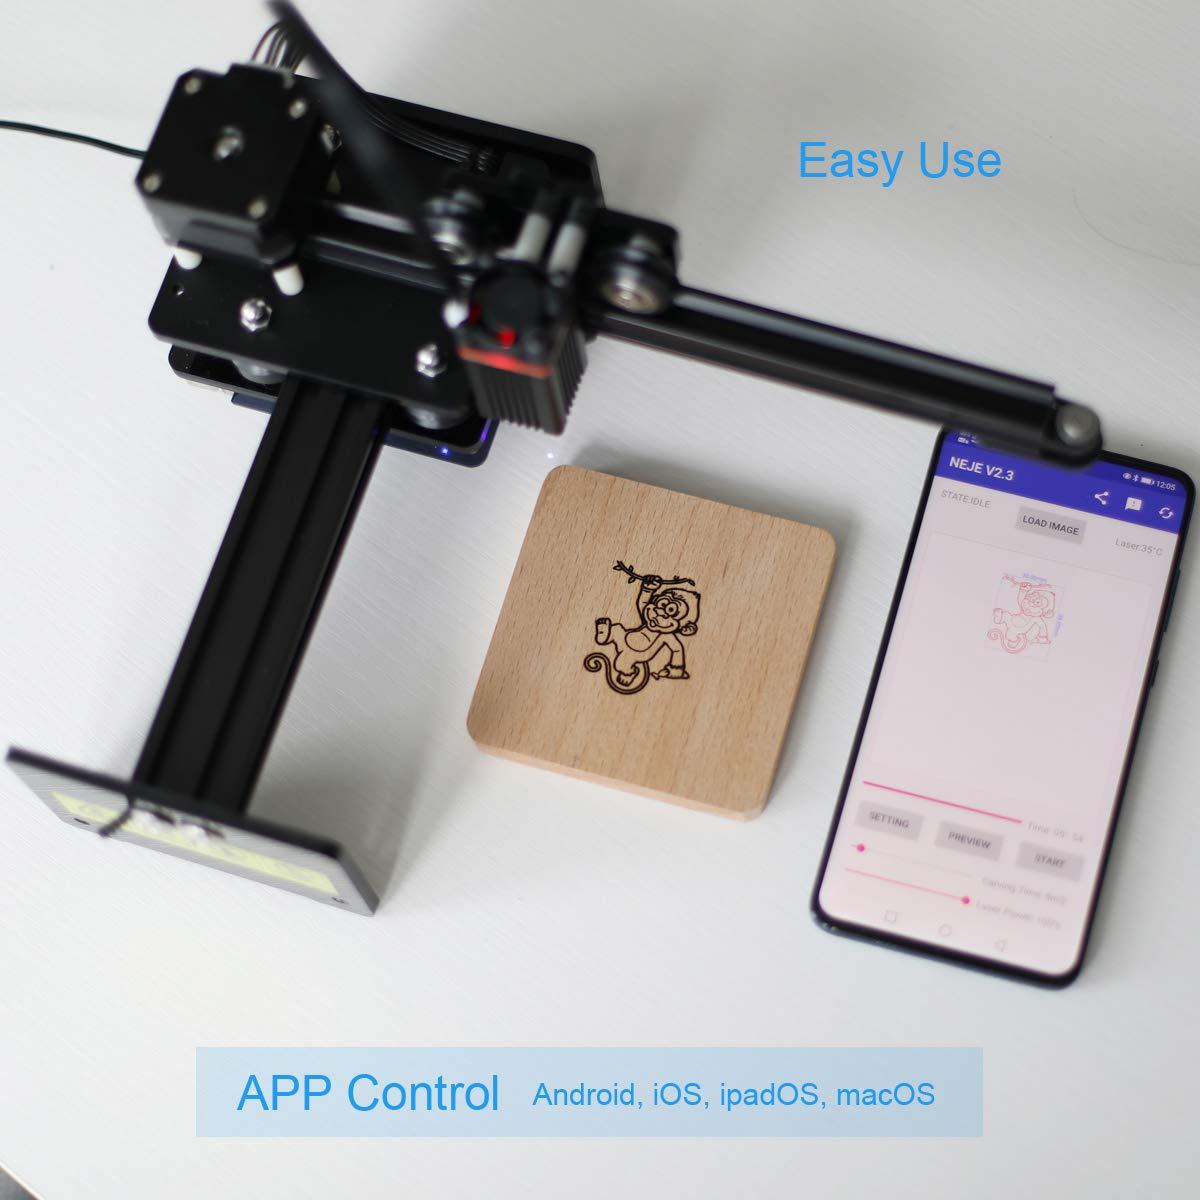 NEJE Graviermaschine im Freien oder in einer Tafel verwenden, Master 2 mini 10w Gravurpapier Gravieren von Holz f/ür Anf/änger einfach zu bedienen Gravurwerkzeuge